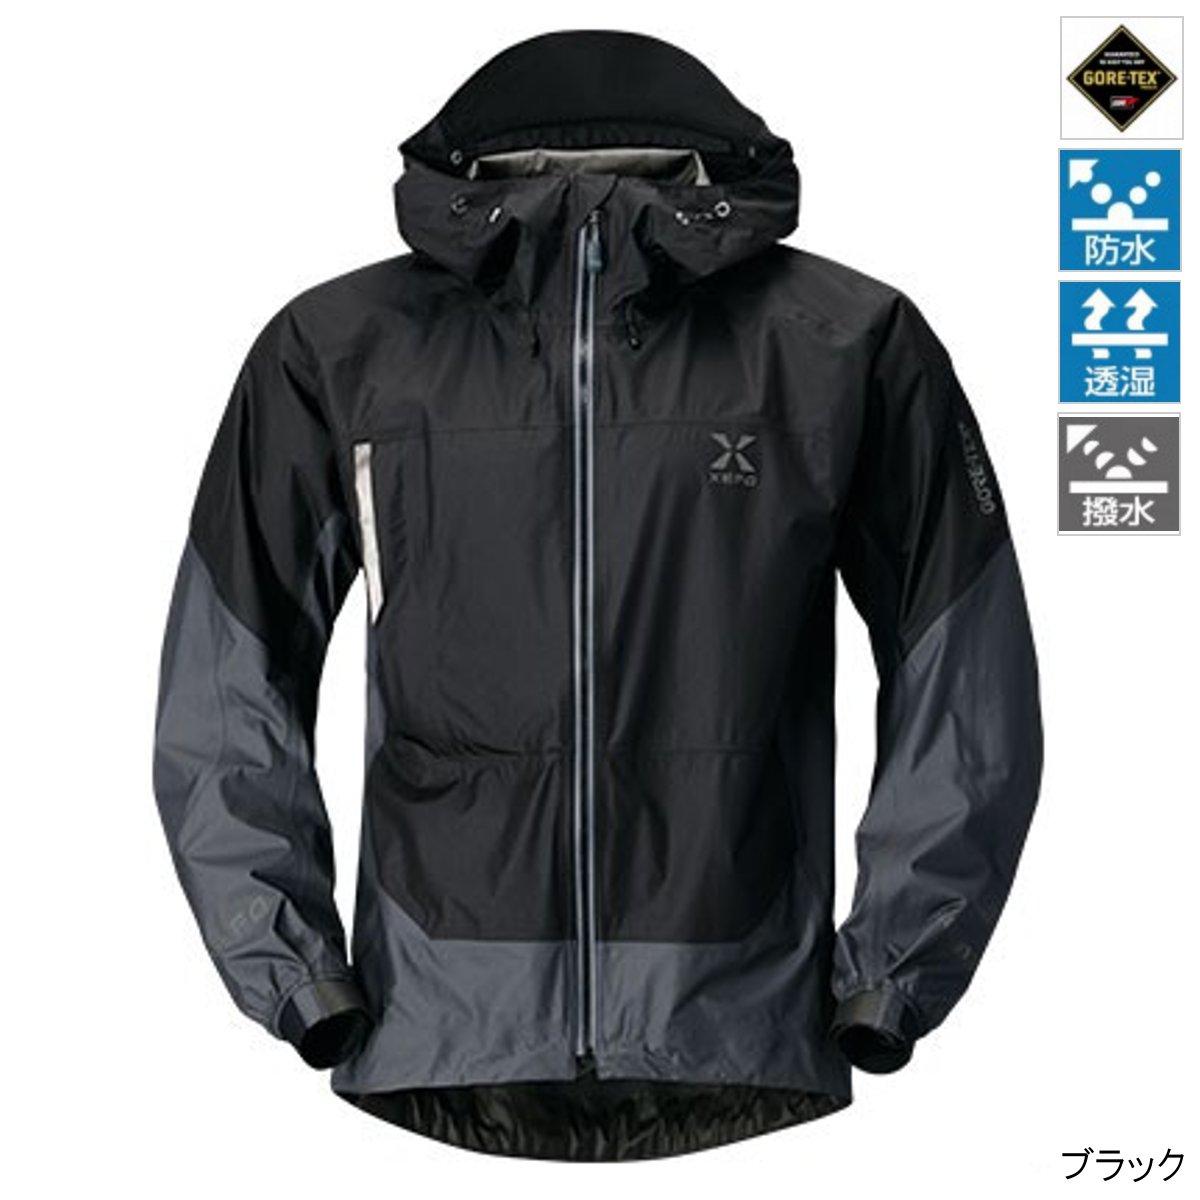 シマノ XEFO GORE-TEX AERIOUS Jacket RA-22JQ XL ブラック